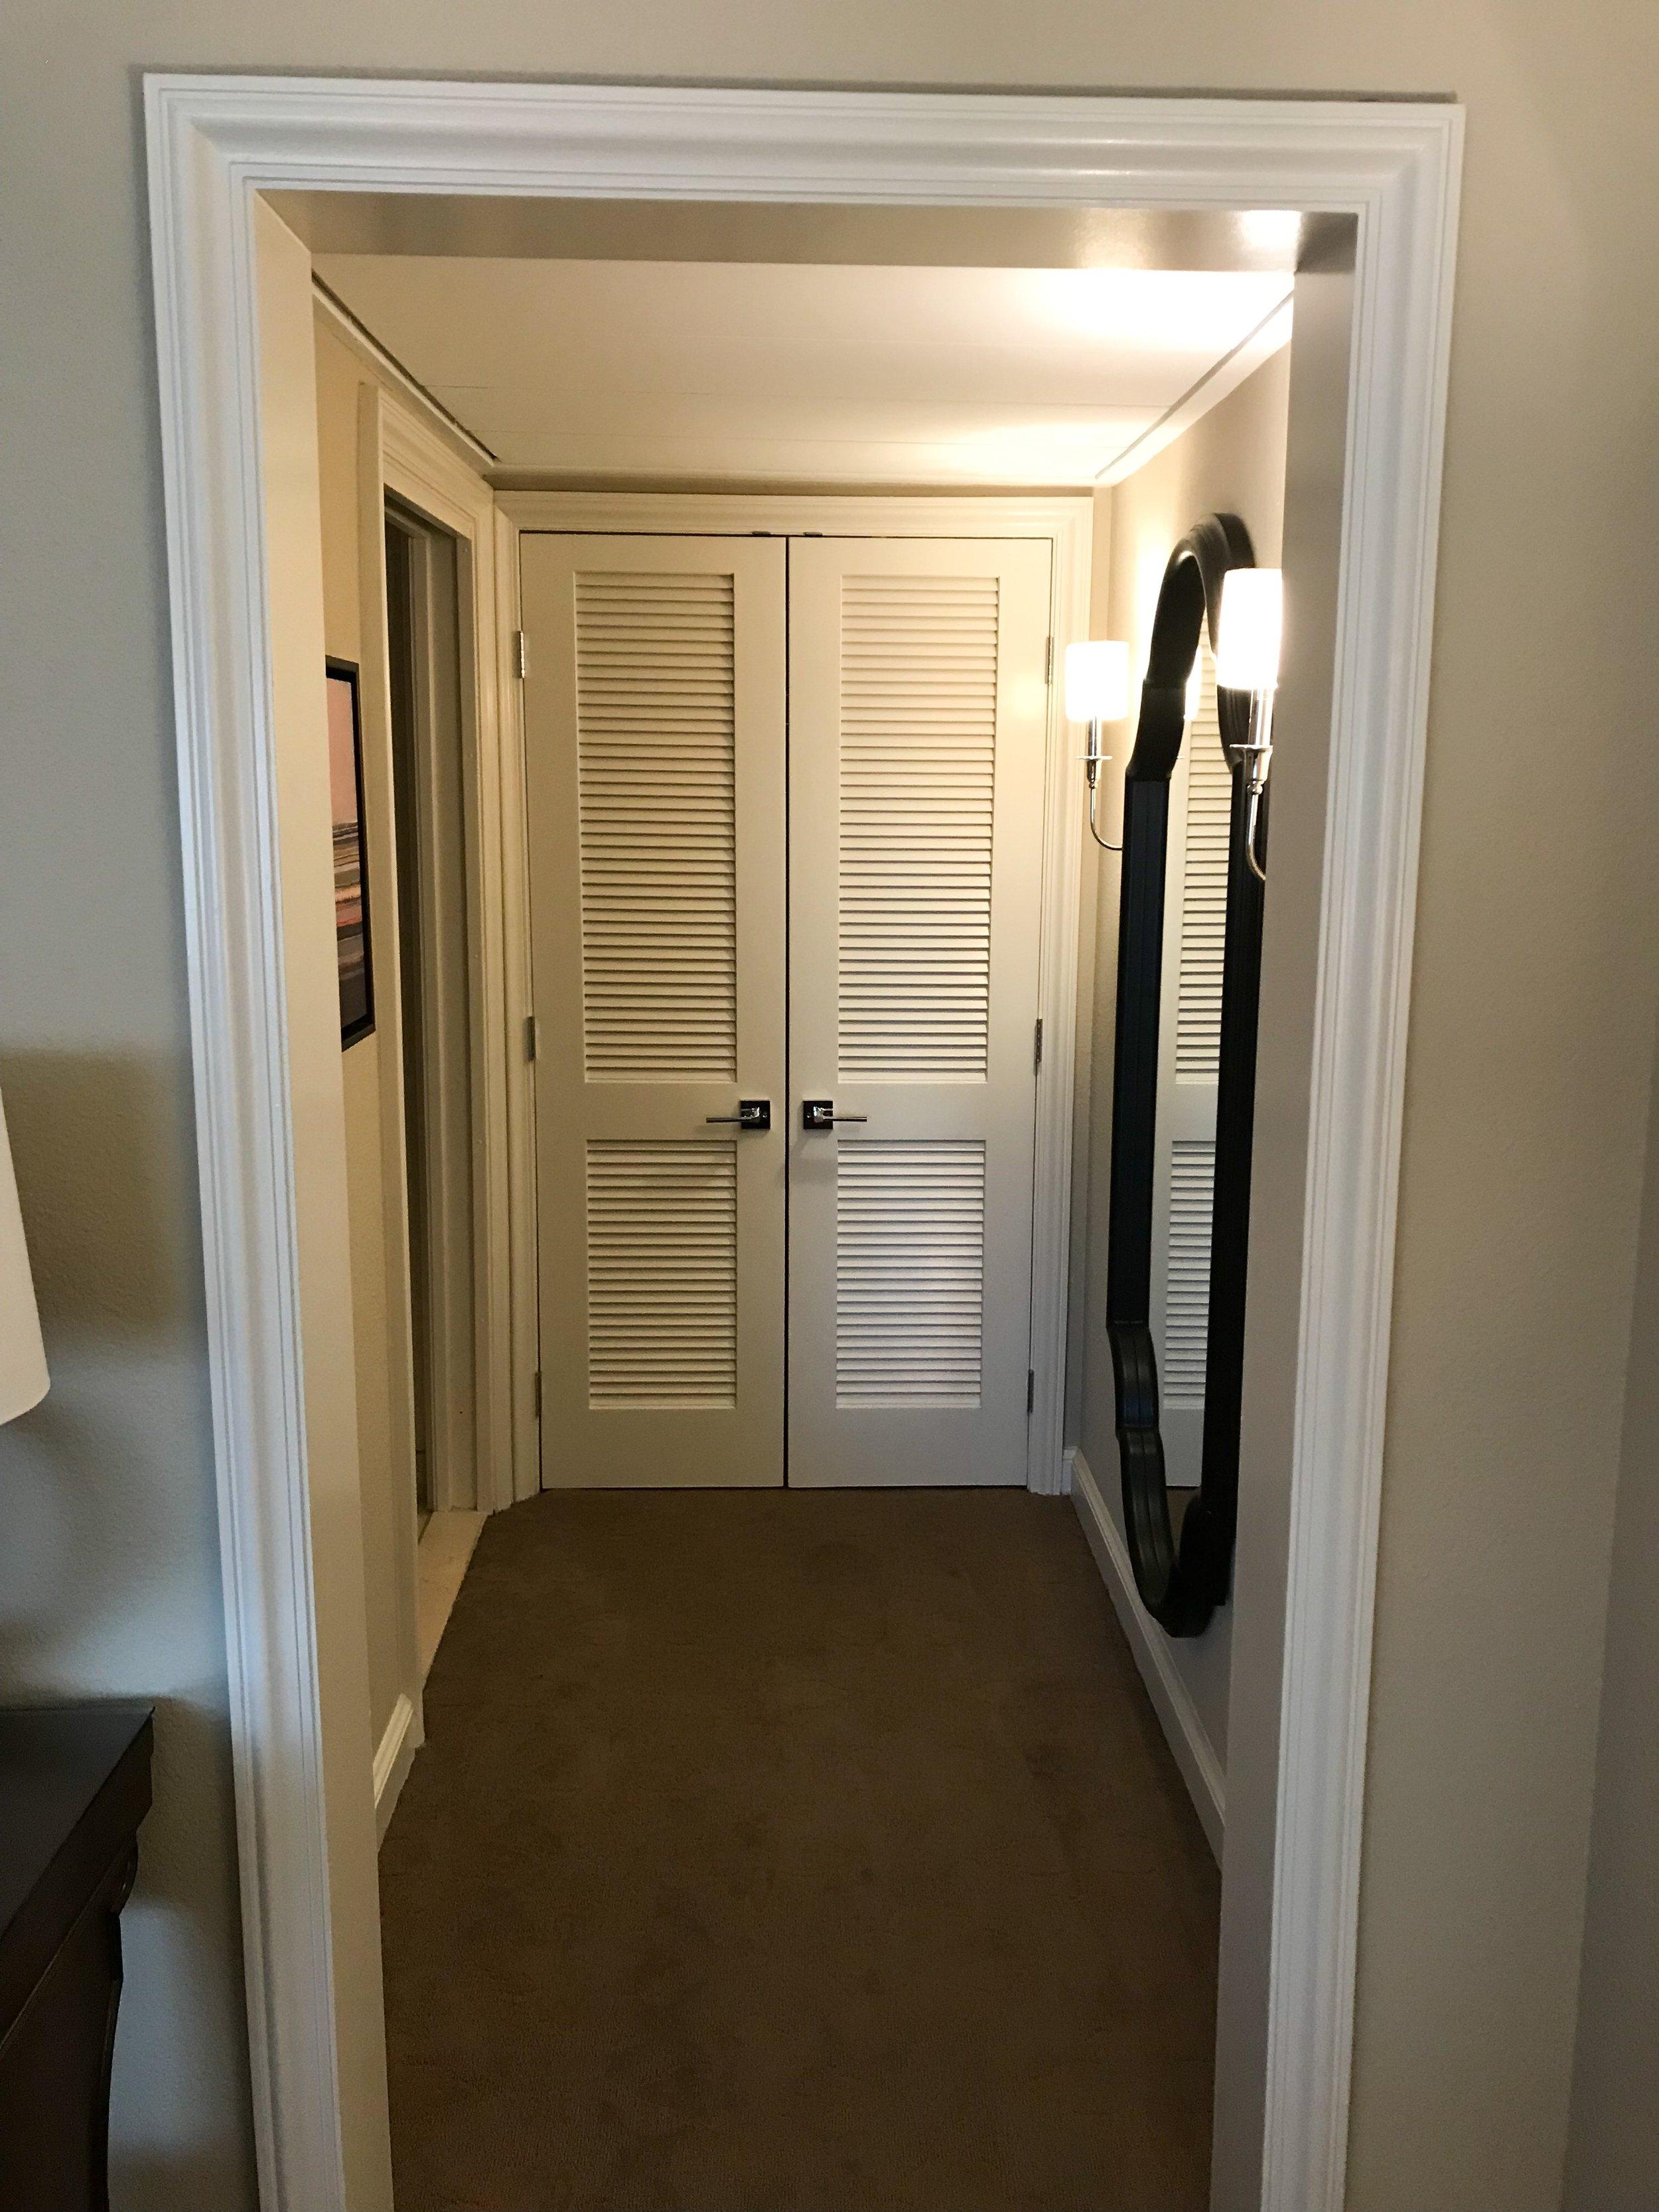 Closet near the bathroom.